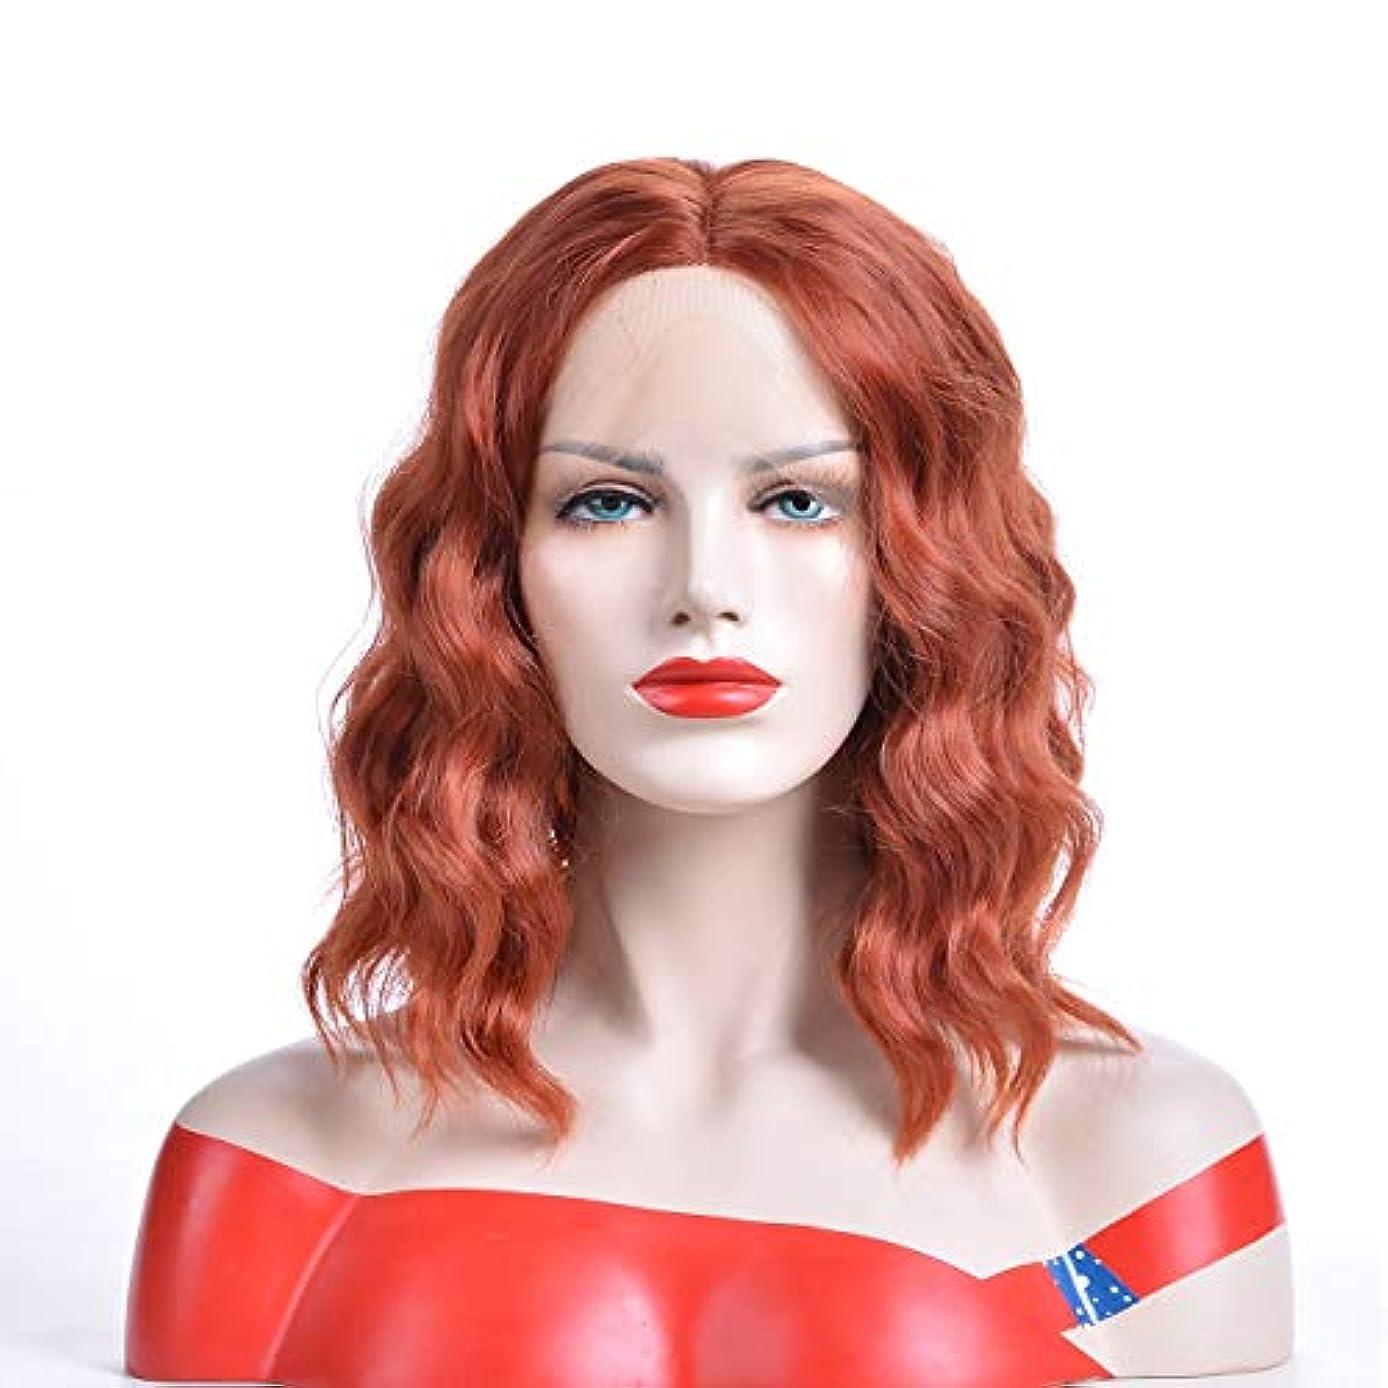 住人布チャットYOUQIU 21「」ショート波状カーリーブロンドレッド女性の女の子の魅力的な合成かつらコスプレハロウィンウィッグ耐熱ボブ?パーティーウィッグウィッグ (色 : Blonde Red, サイズ : 21